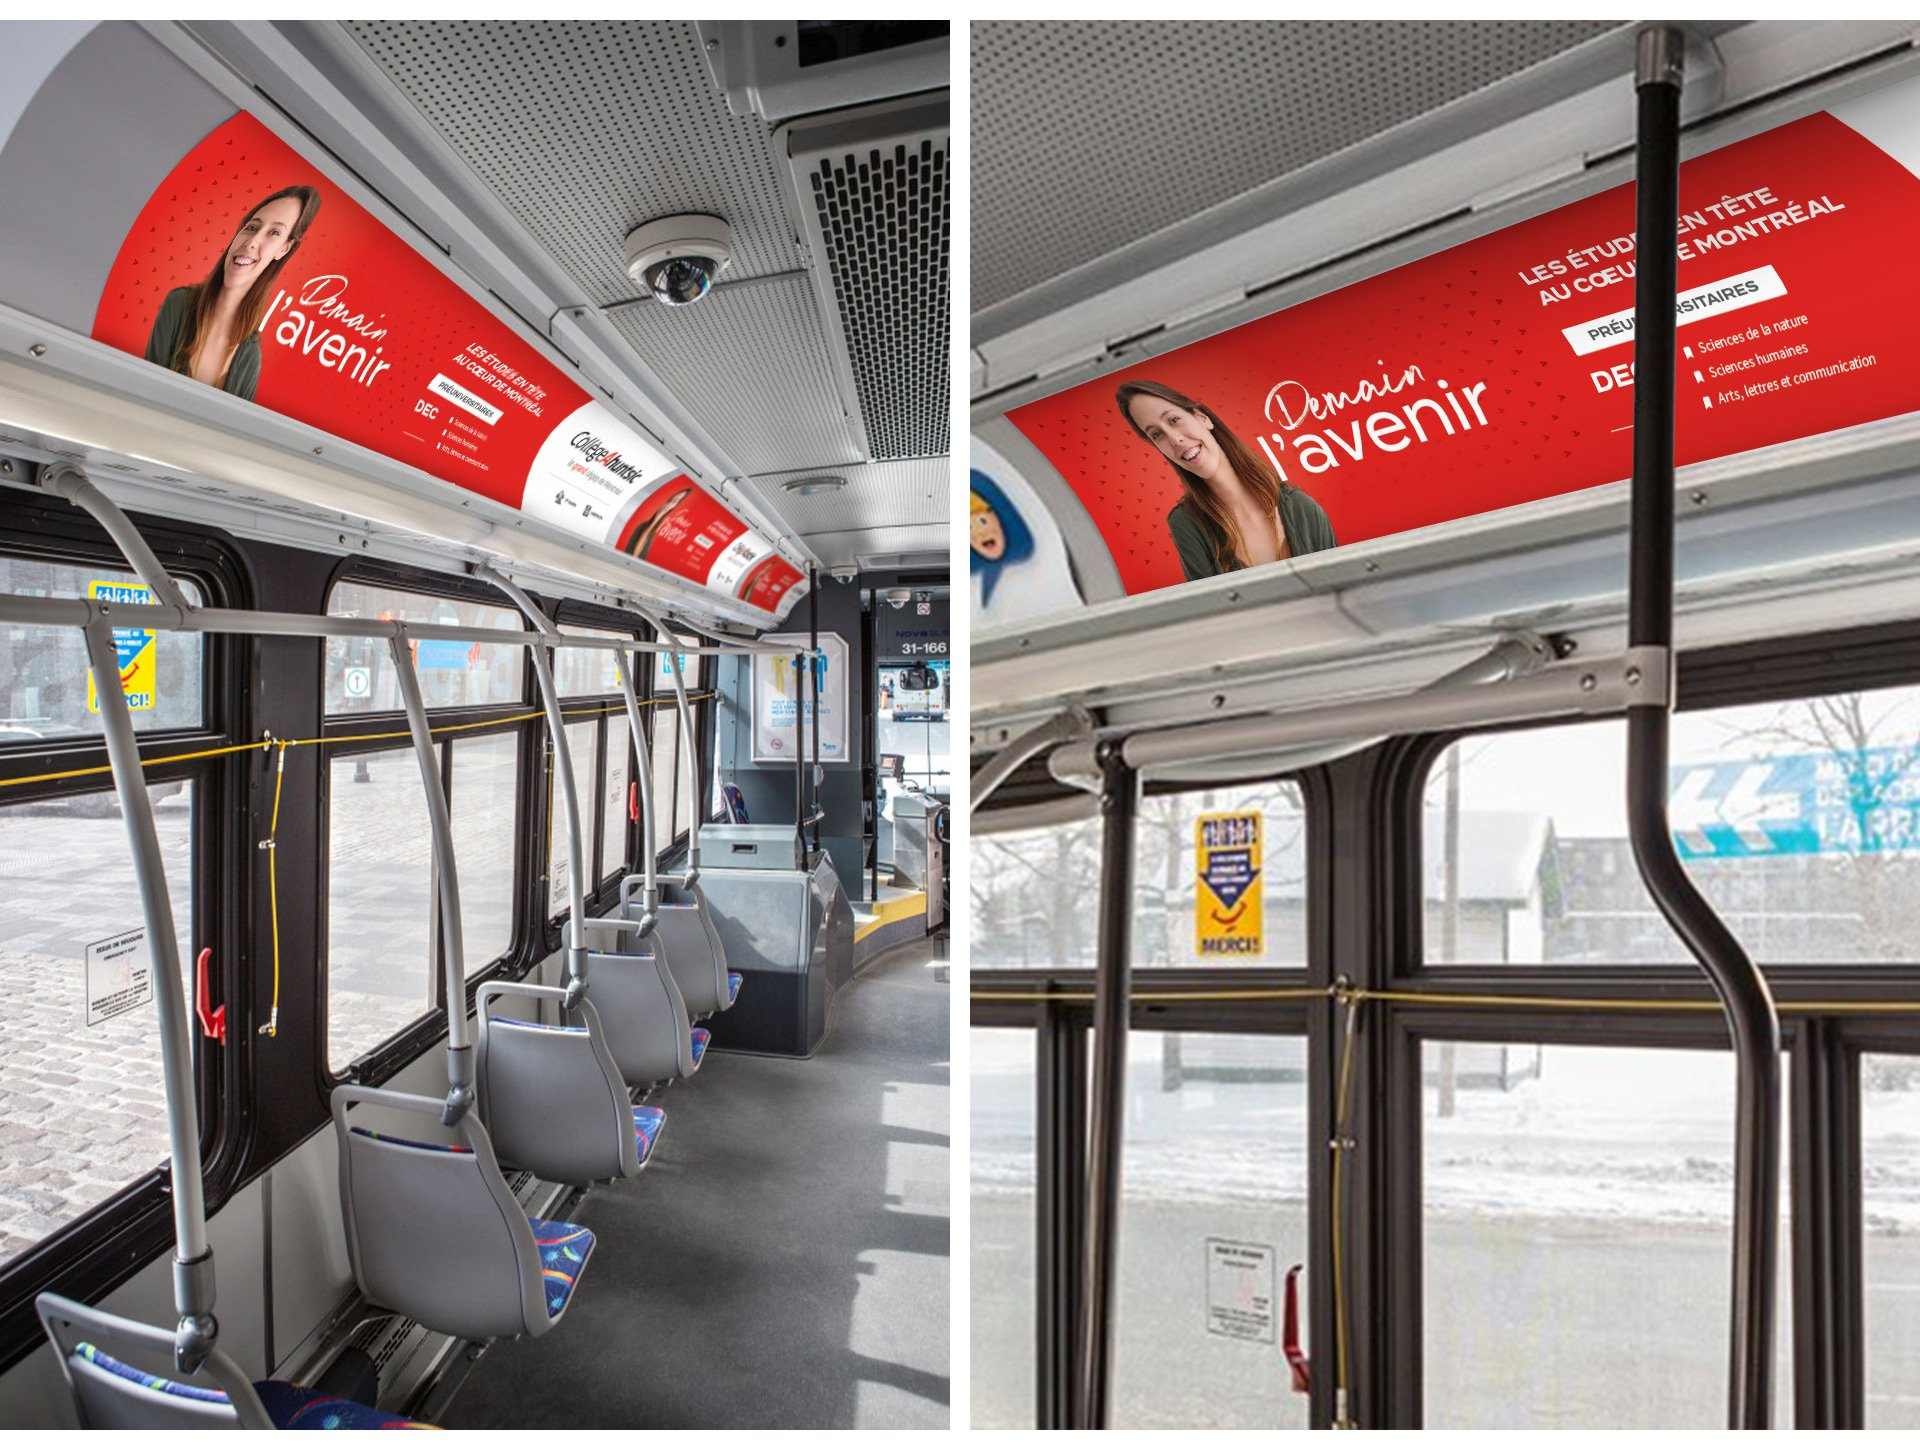 Autobus - Campagne Publicitaire - Demain l'avenir - Collège Ahuntsic